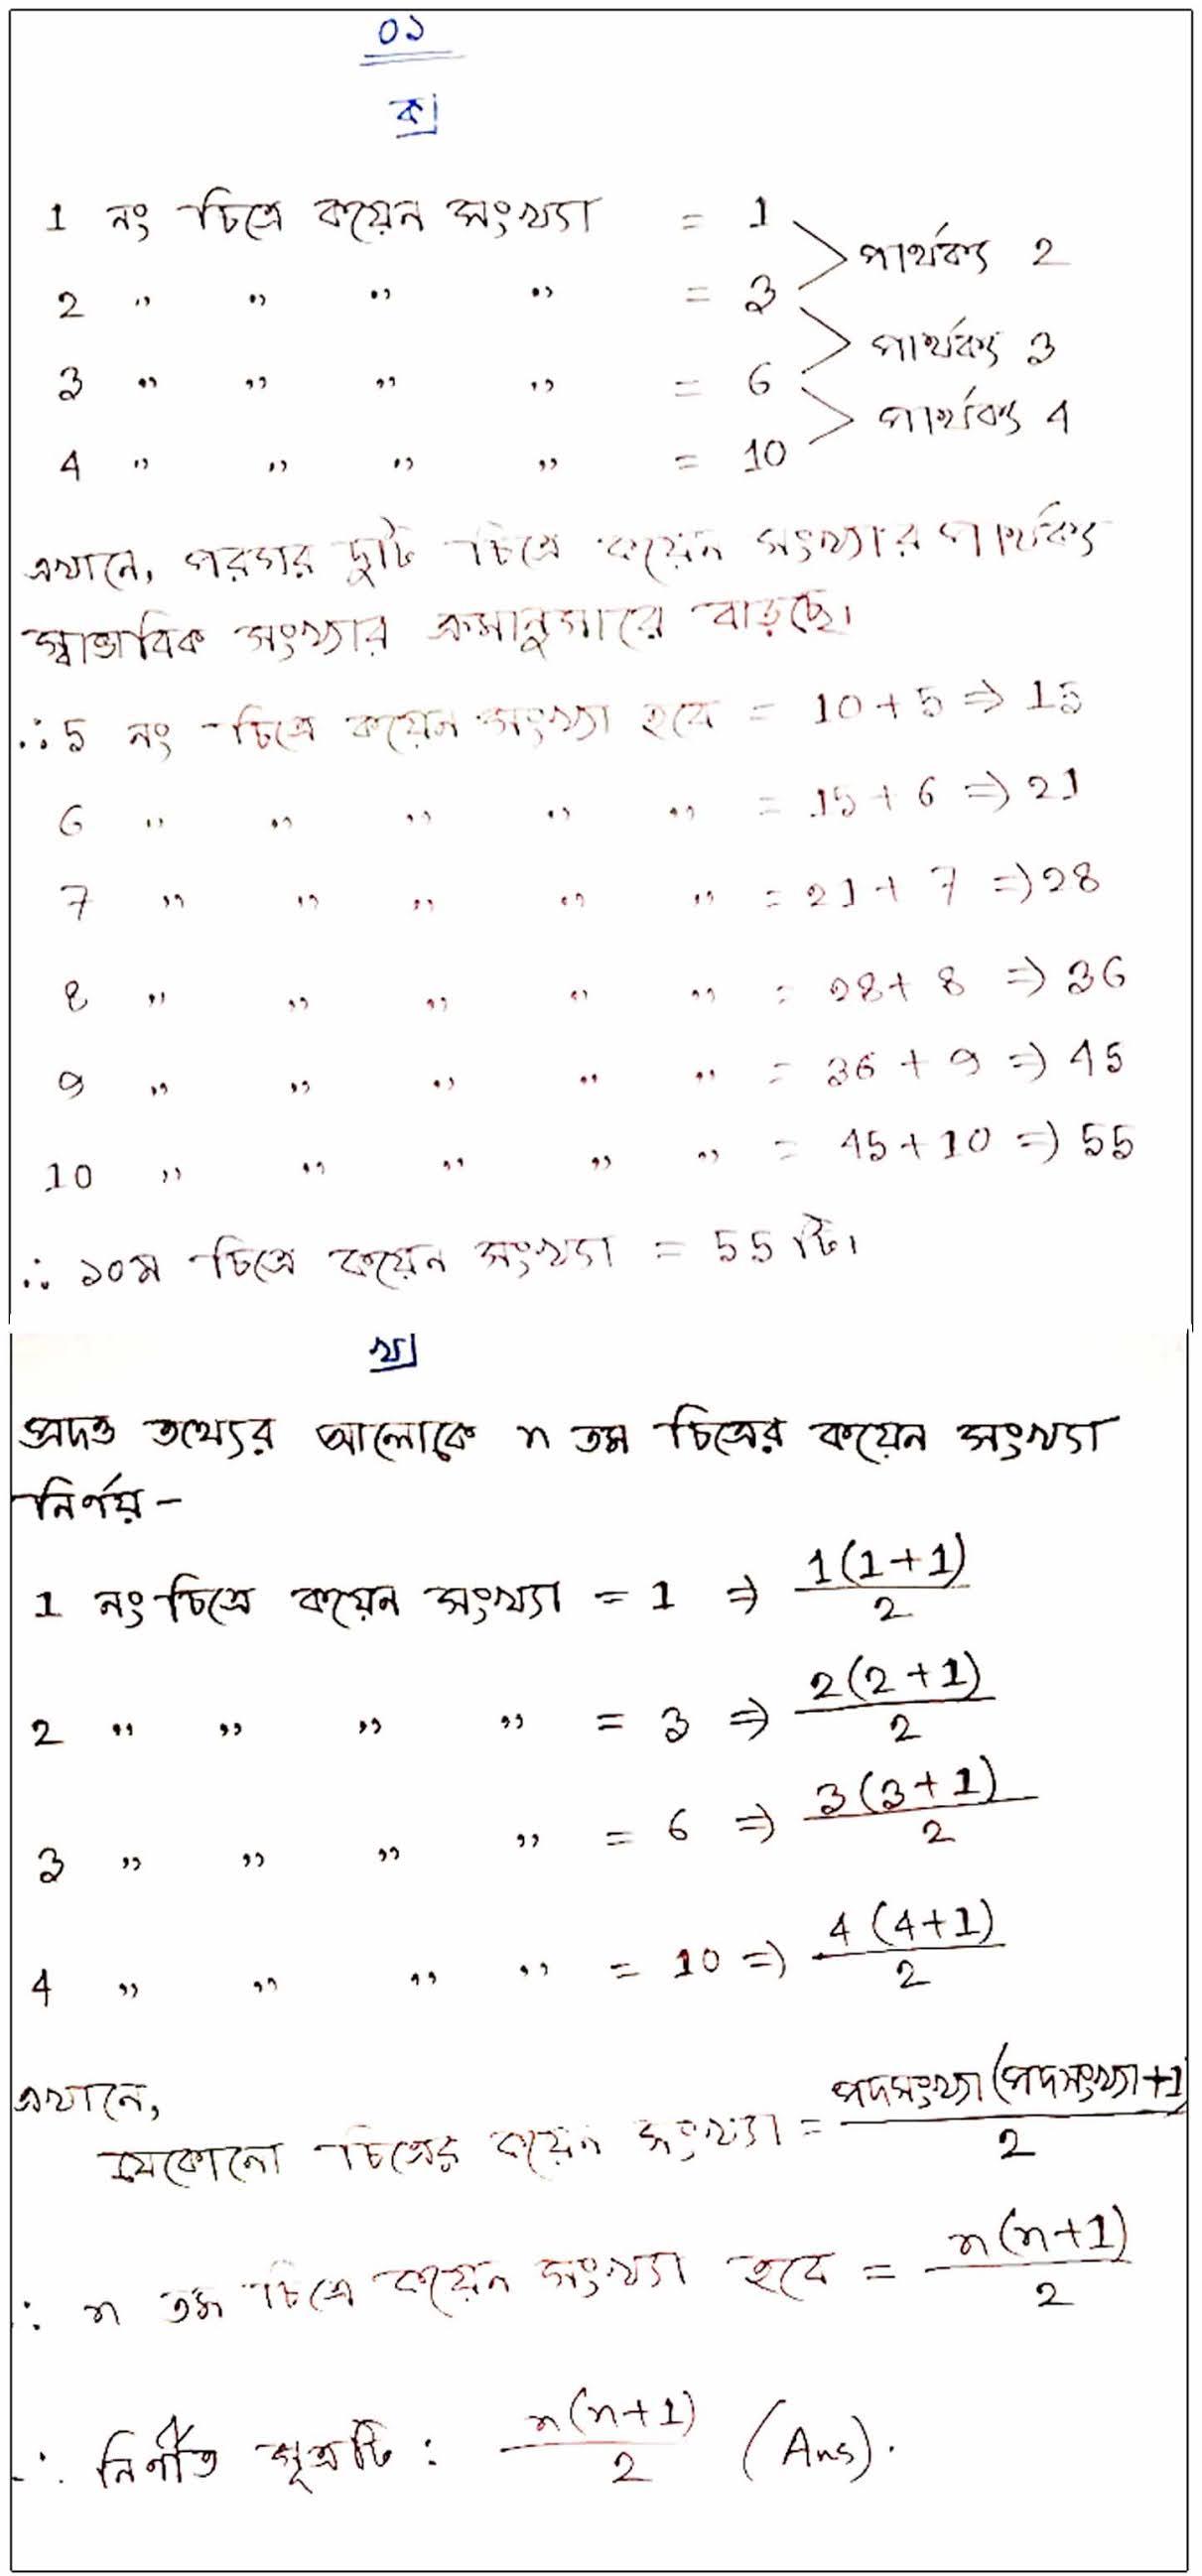 3rd Week SSC Assignment 2022 Mathematics Answer